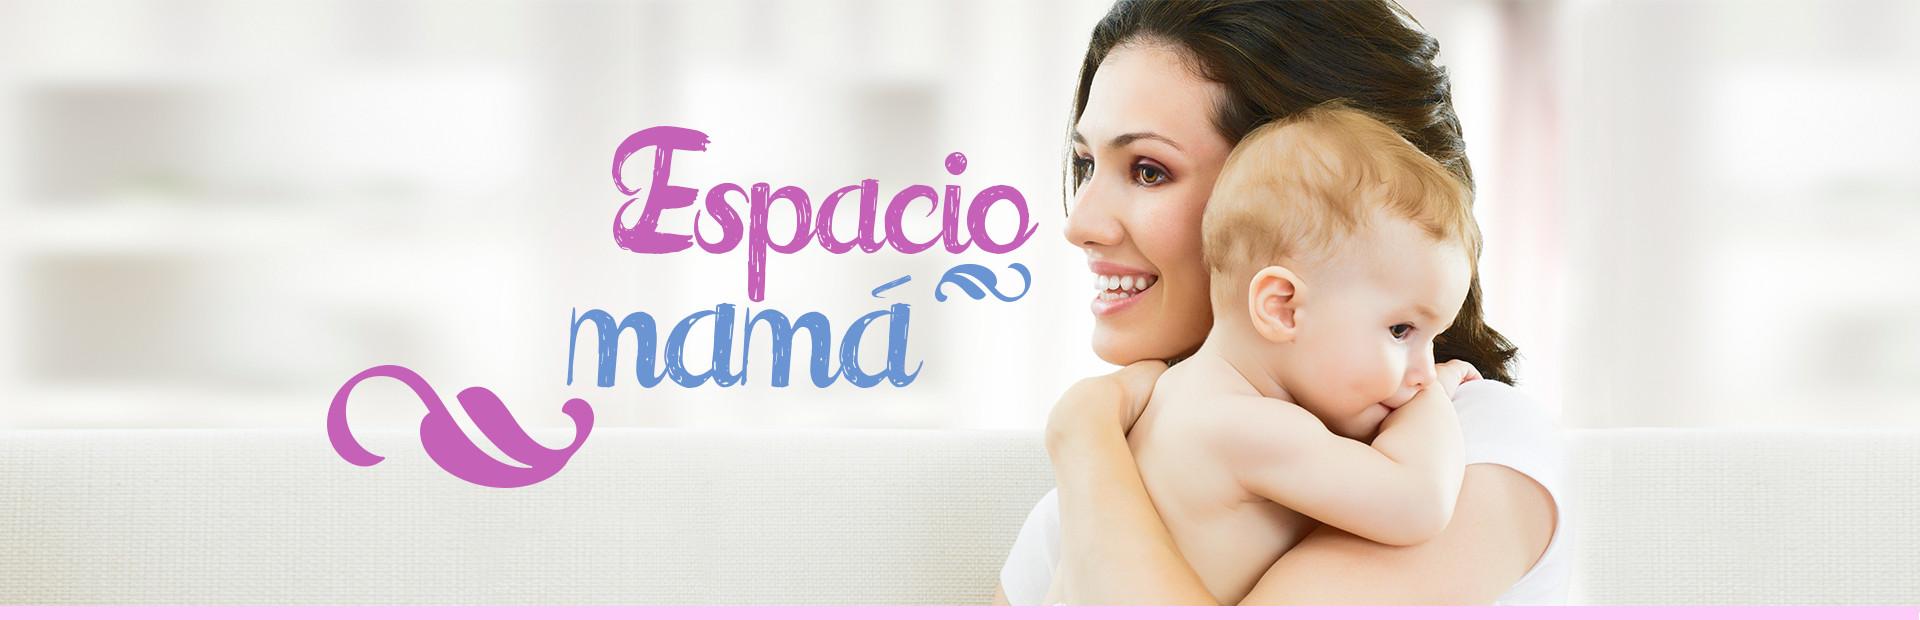 Espaço Mamãe Ortoplan Especialidades Odontológicas